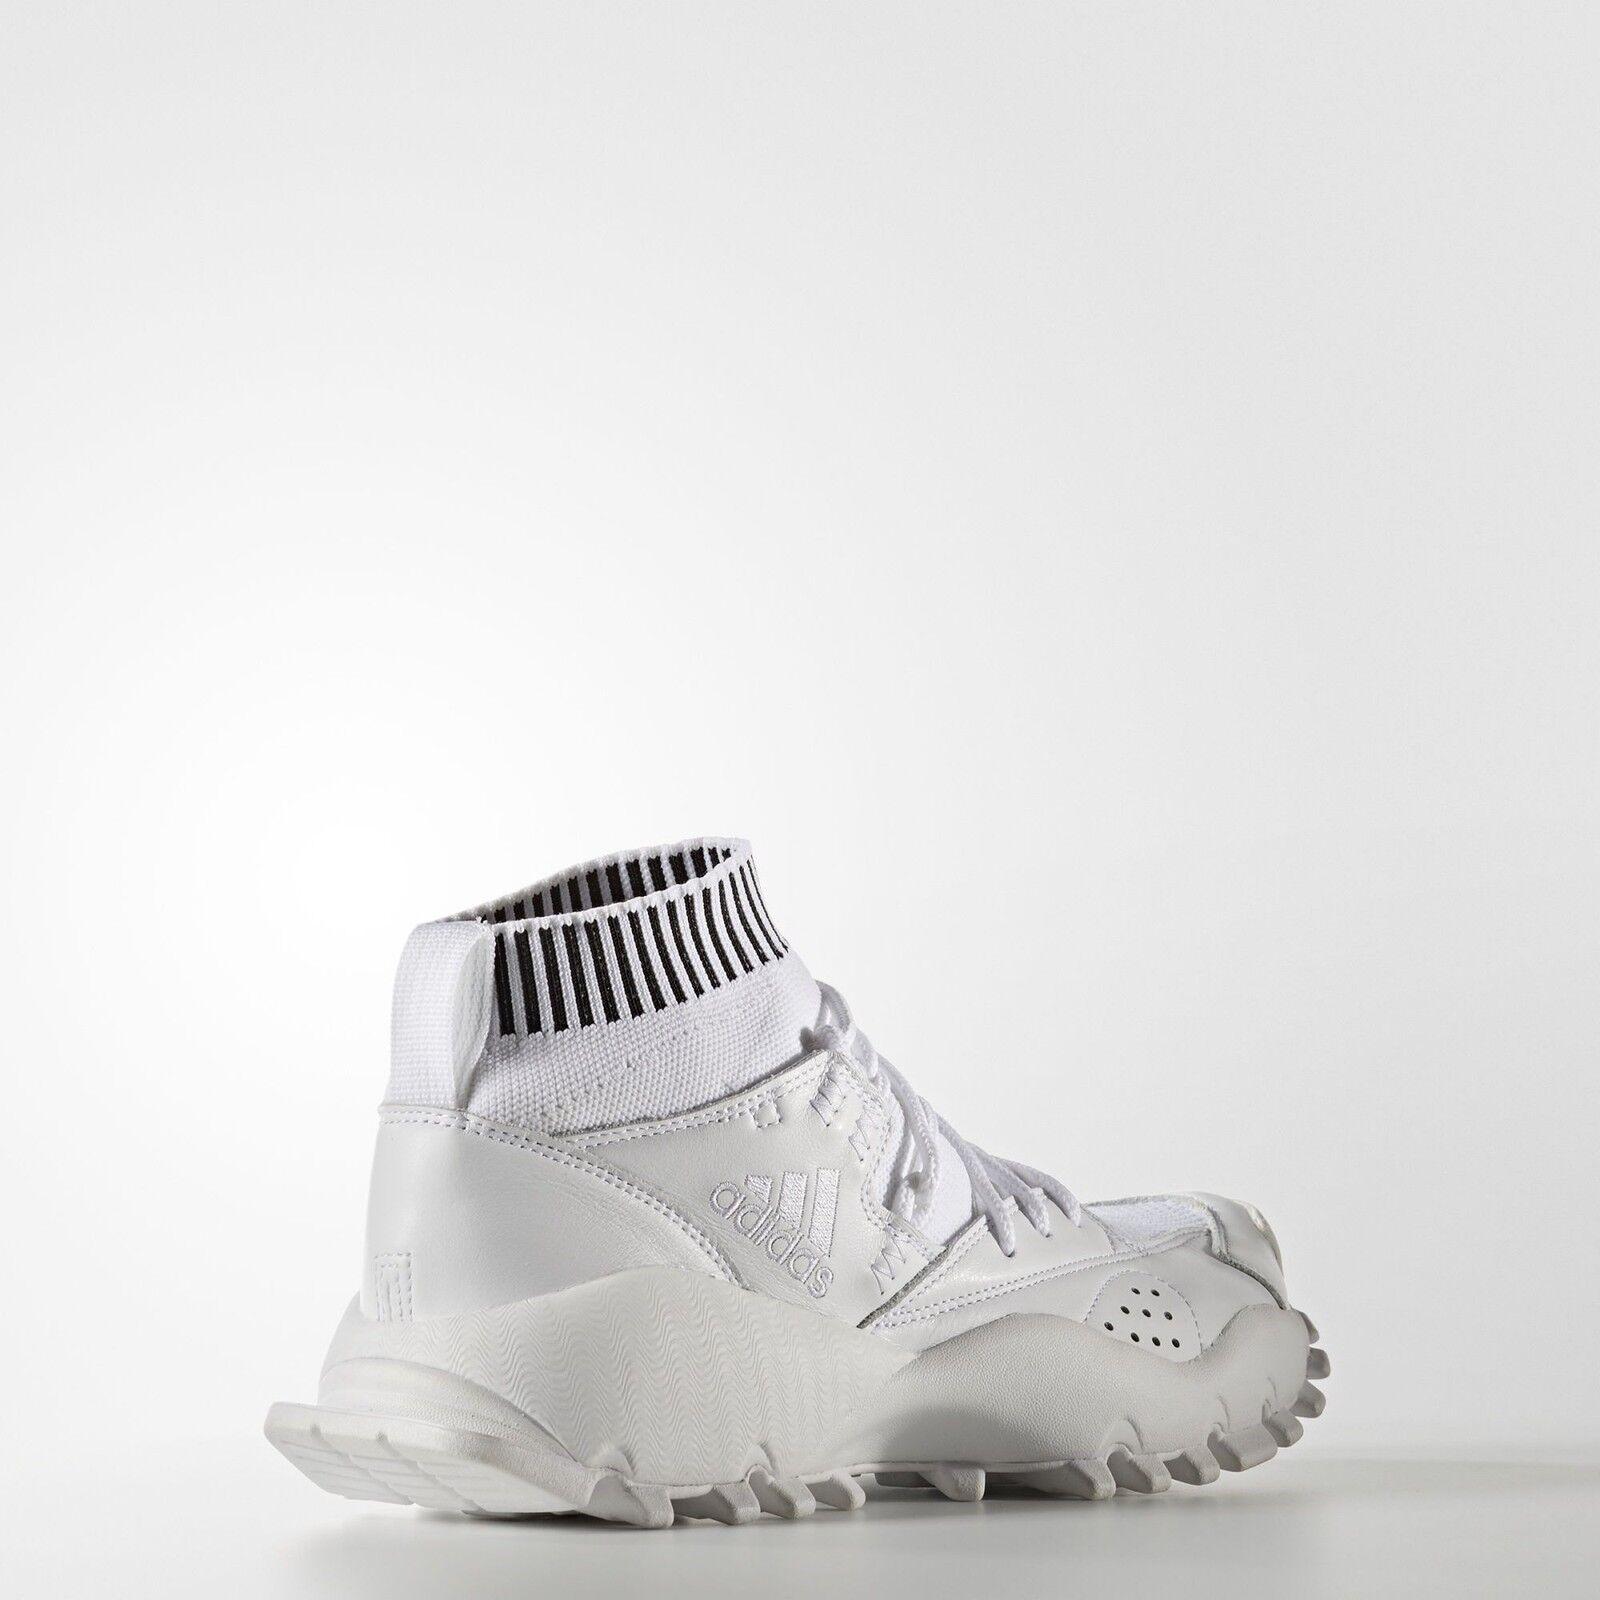 Adidas originals männer letztes seeulater primeknit uns s80040 letztes männer paar schuhe größe 8,5 8fa427